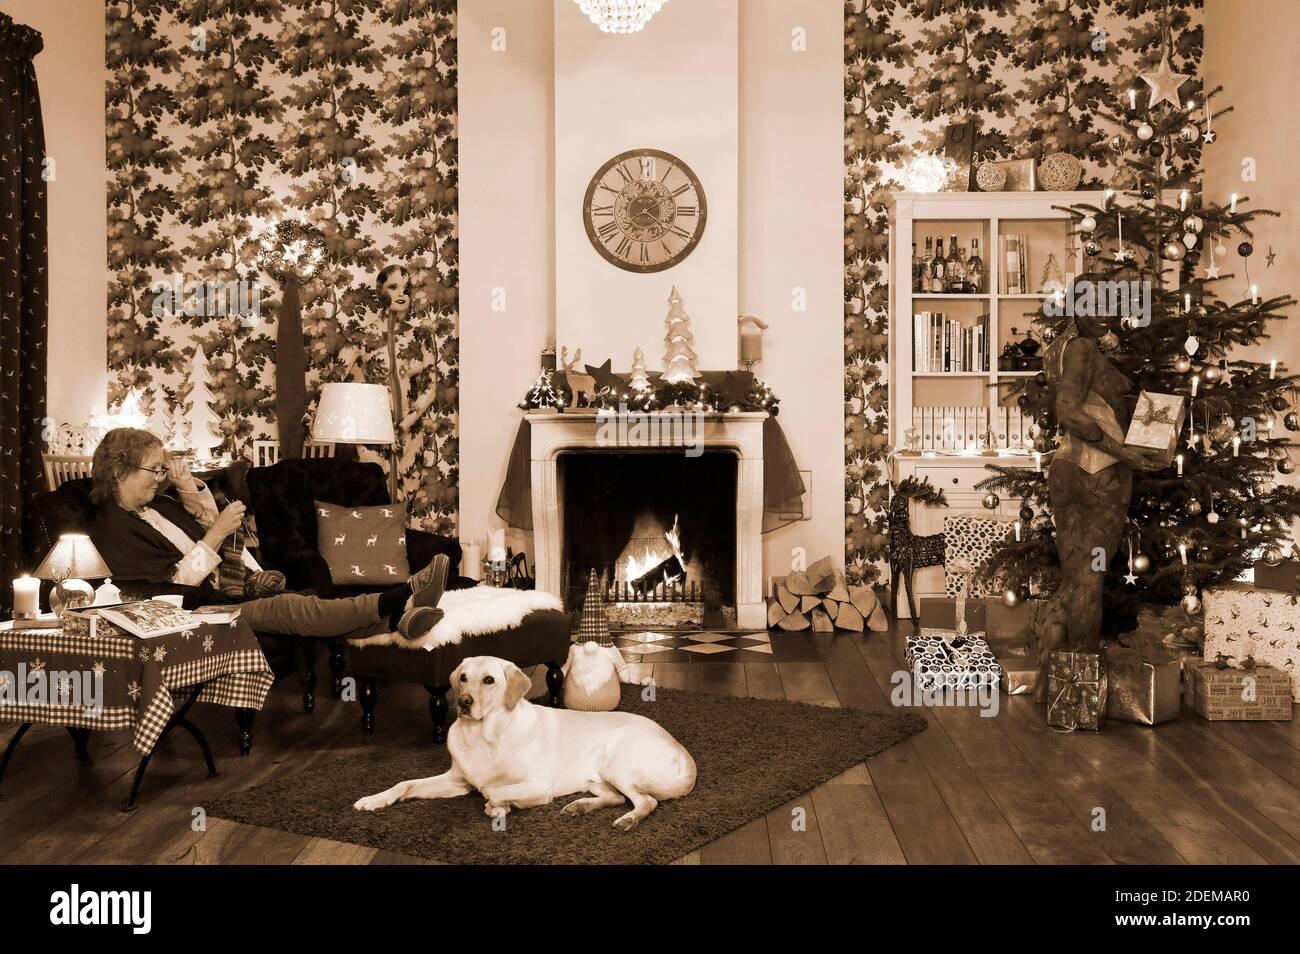 """Peinture de Noël avec la grand-mère Sabine S., le chien Louis, le modèle Marilena comme lampe de plancher et le modèle Darky comme un cadeau au restaurant Castle Hehlen. Travail sur le clip de Noël """"le Noël de l'artiste - UN Bodypainting clip vidéo de l'atelier Düsterwald"""" par Jörg Düsterwald et Alexander grosse-Strangmann. Hehlen le 28 novembre 2020 Banque D'Images"""